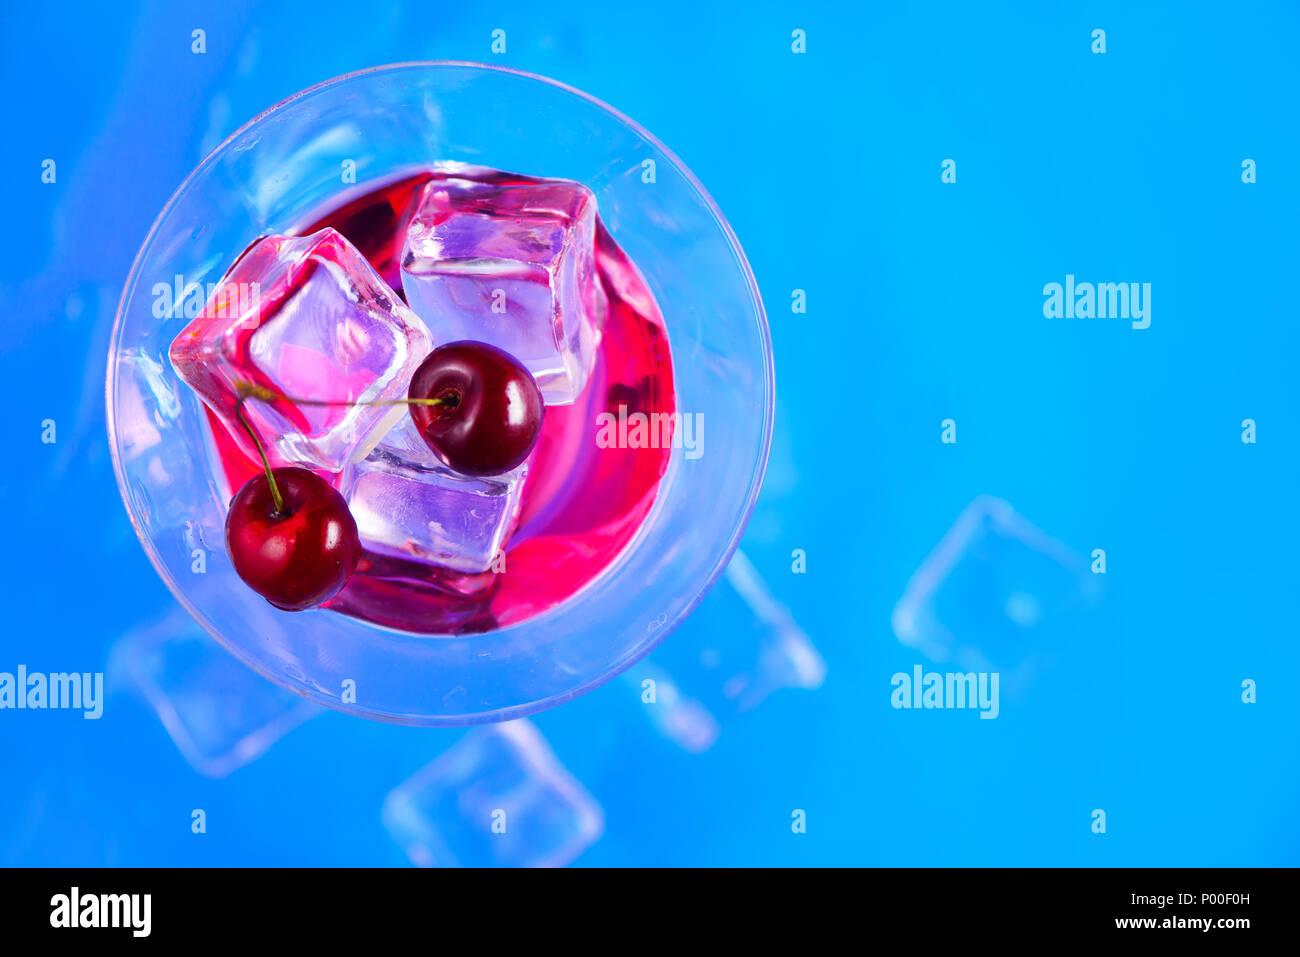 Liquore di ciliegia bicchiere da cocktail dal di sopra su uno sfondo blu. Rinfrescanti drink freddo laici piatta con spazio di copia Immagini Stock